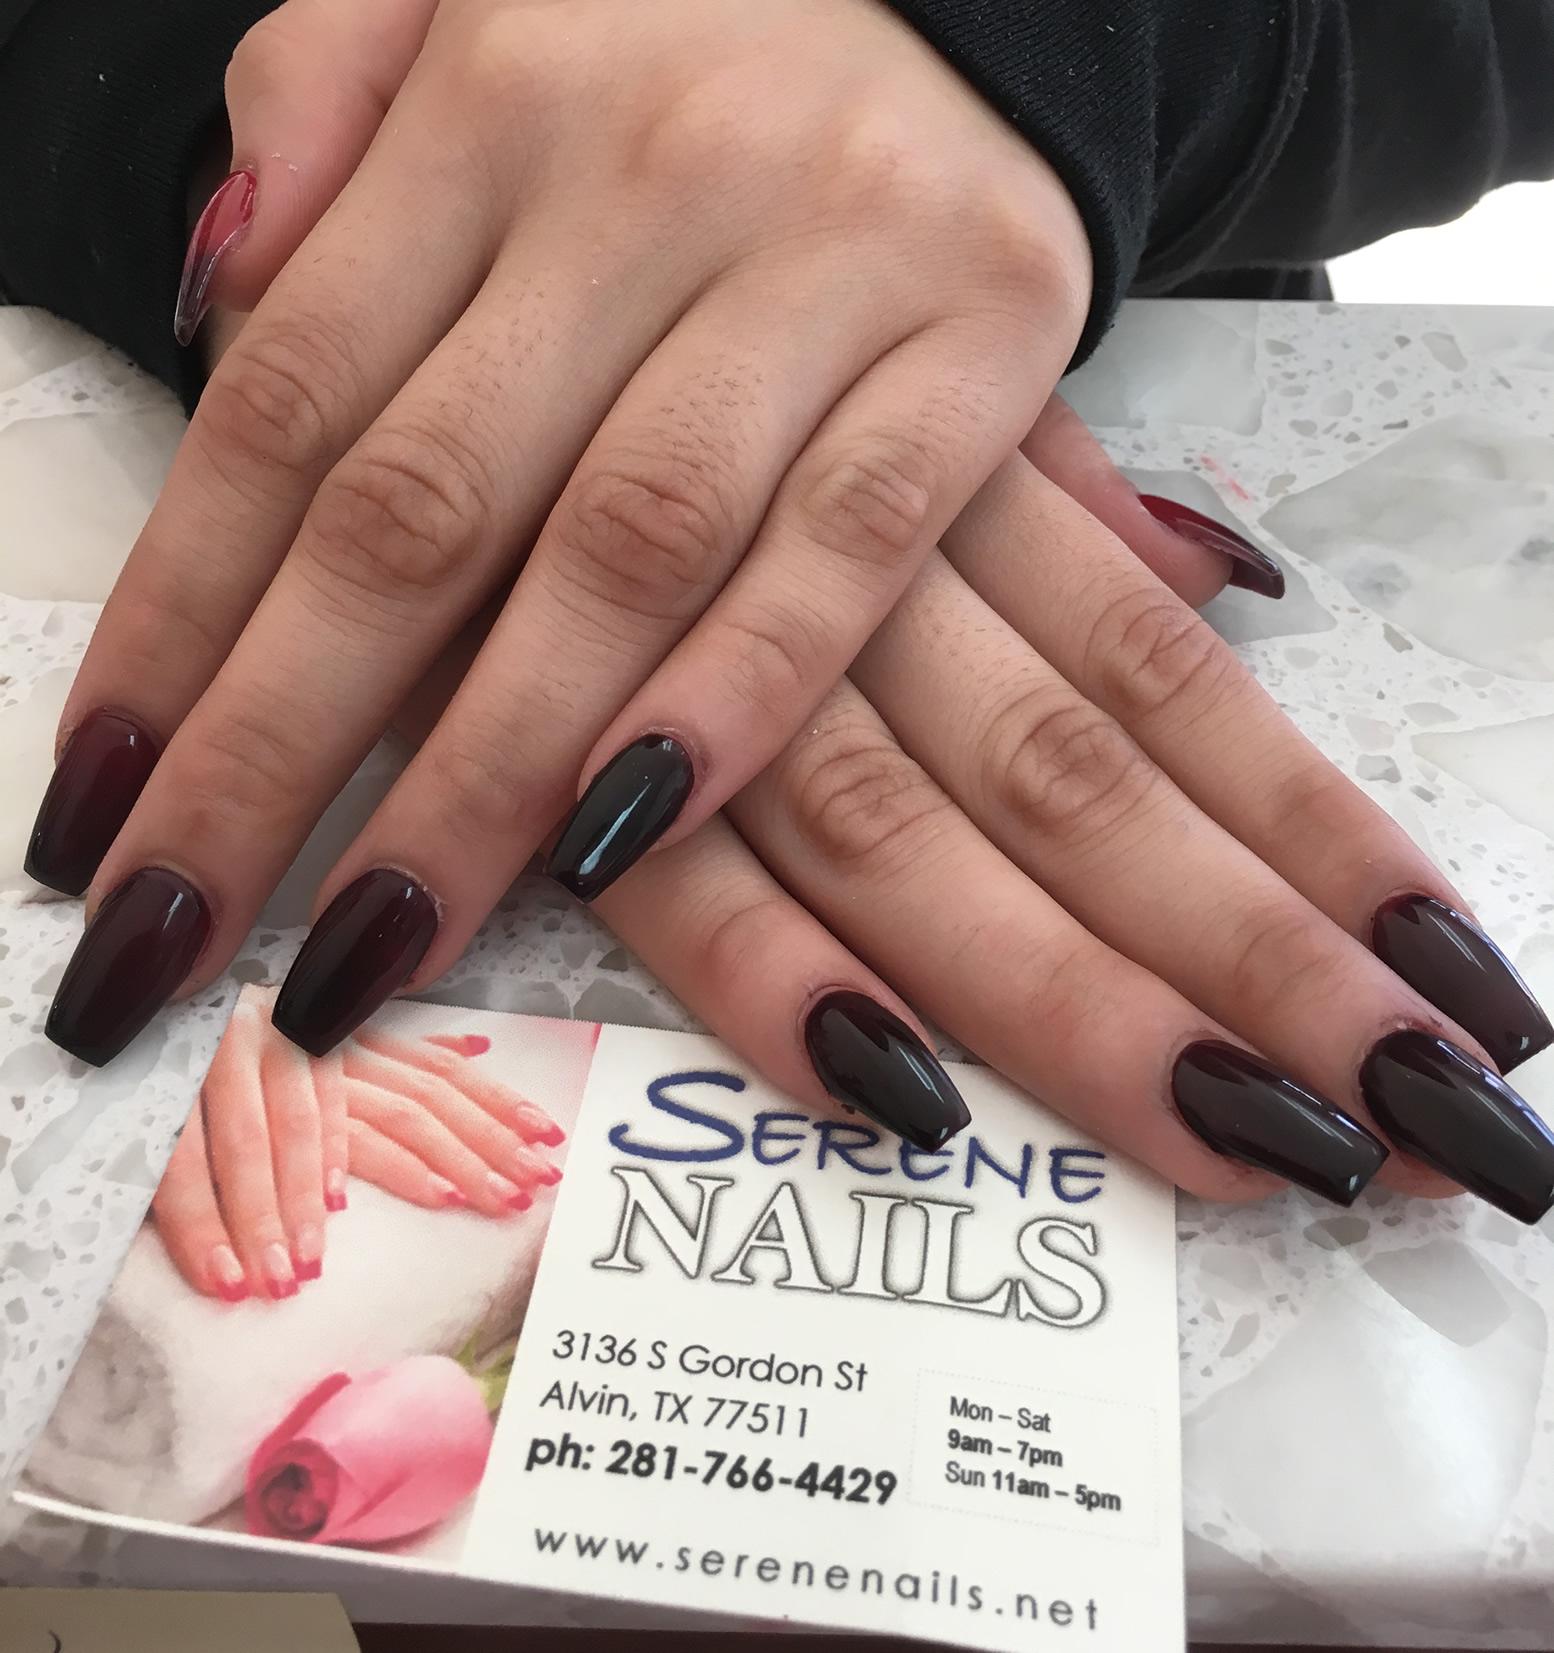 Serene Nails image 21